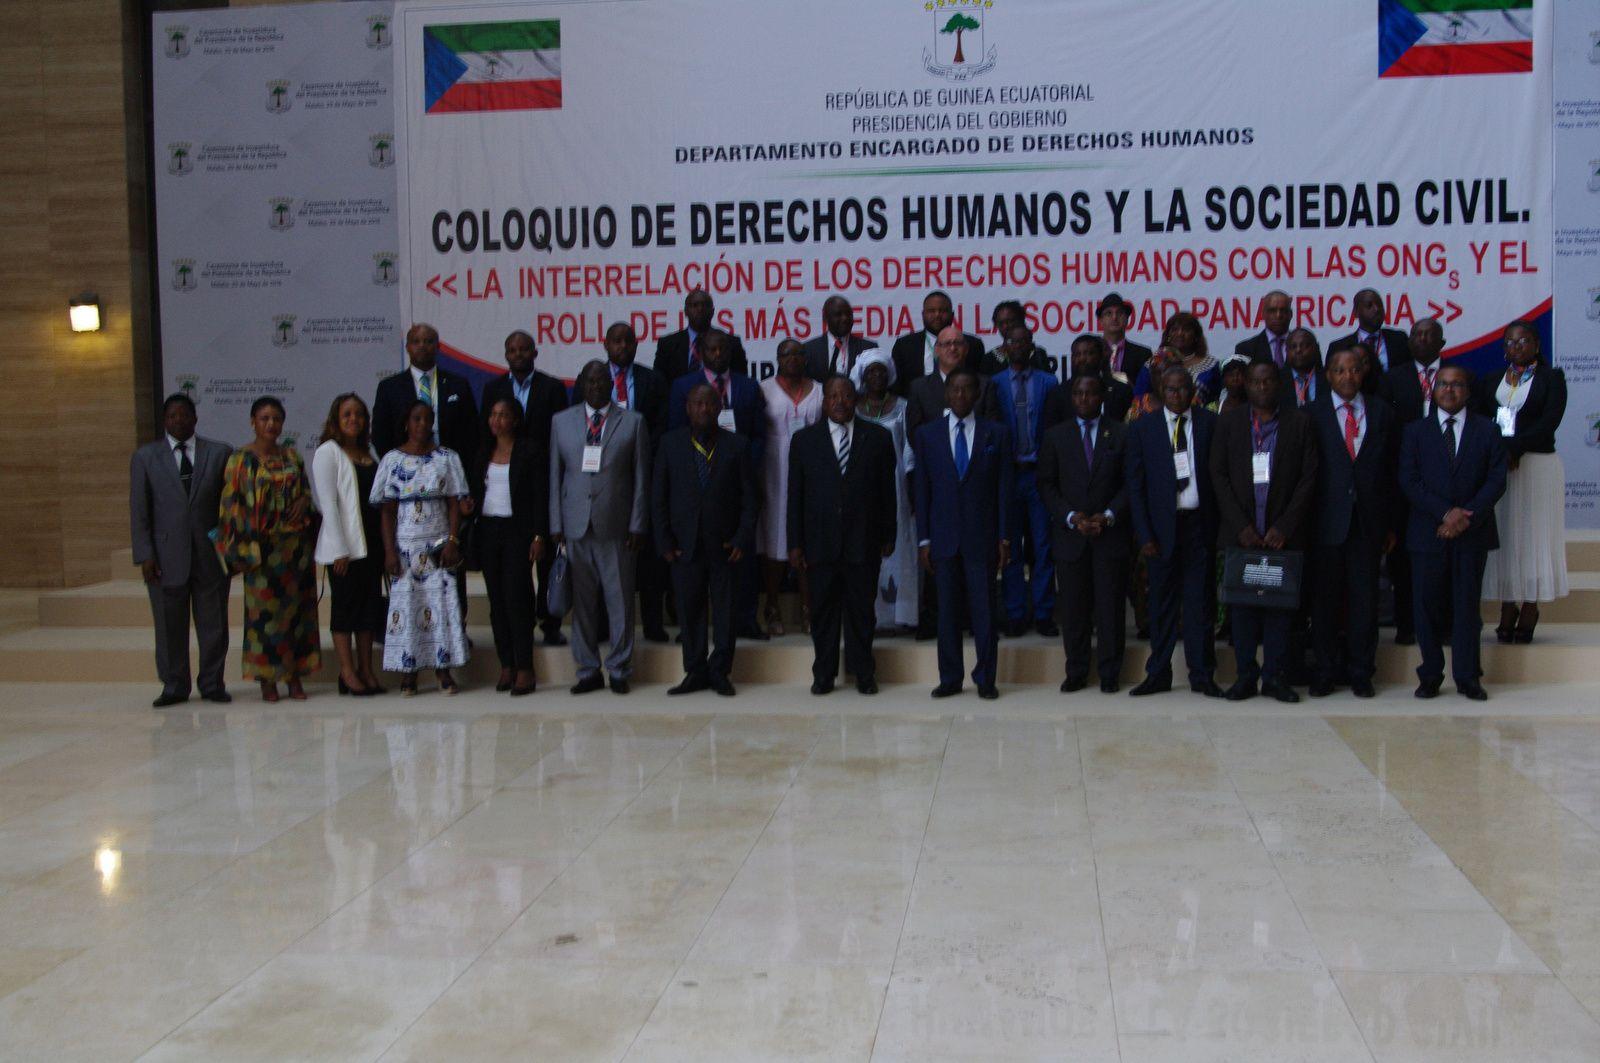 Malabo, la pique du Président de Guinée Equatoriale contre certains occidentaux sous prétexte des Droits de l'Homme